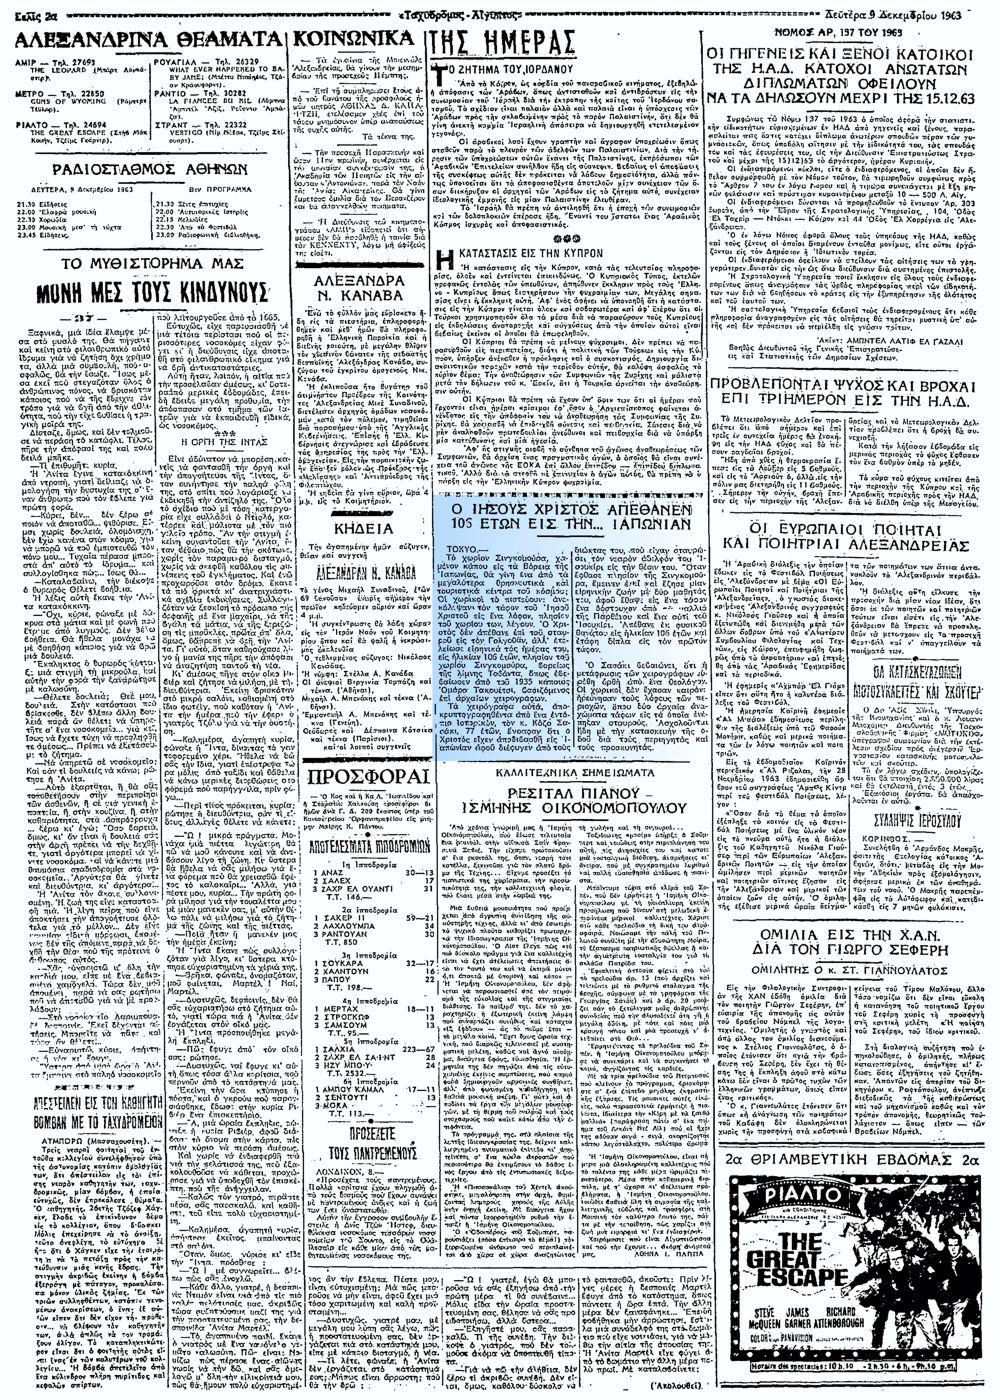 """Το άρθρο, όπως δημοσιεύθηκε στην εφημερίδα """"ΤΑΧΥΔΡΟΜΟΣ"""", στις 09/12/1963"""